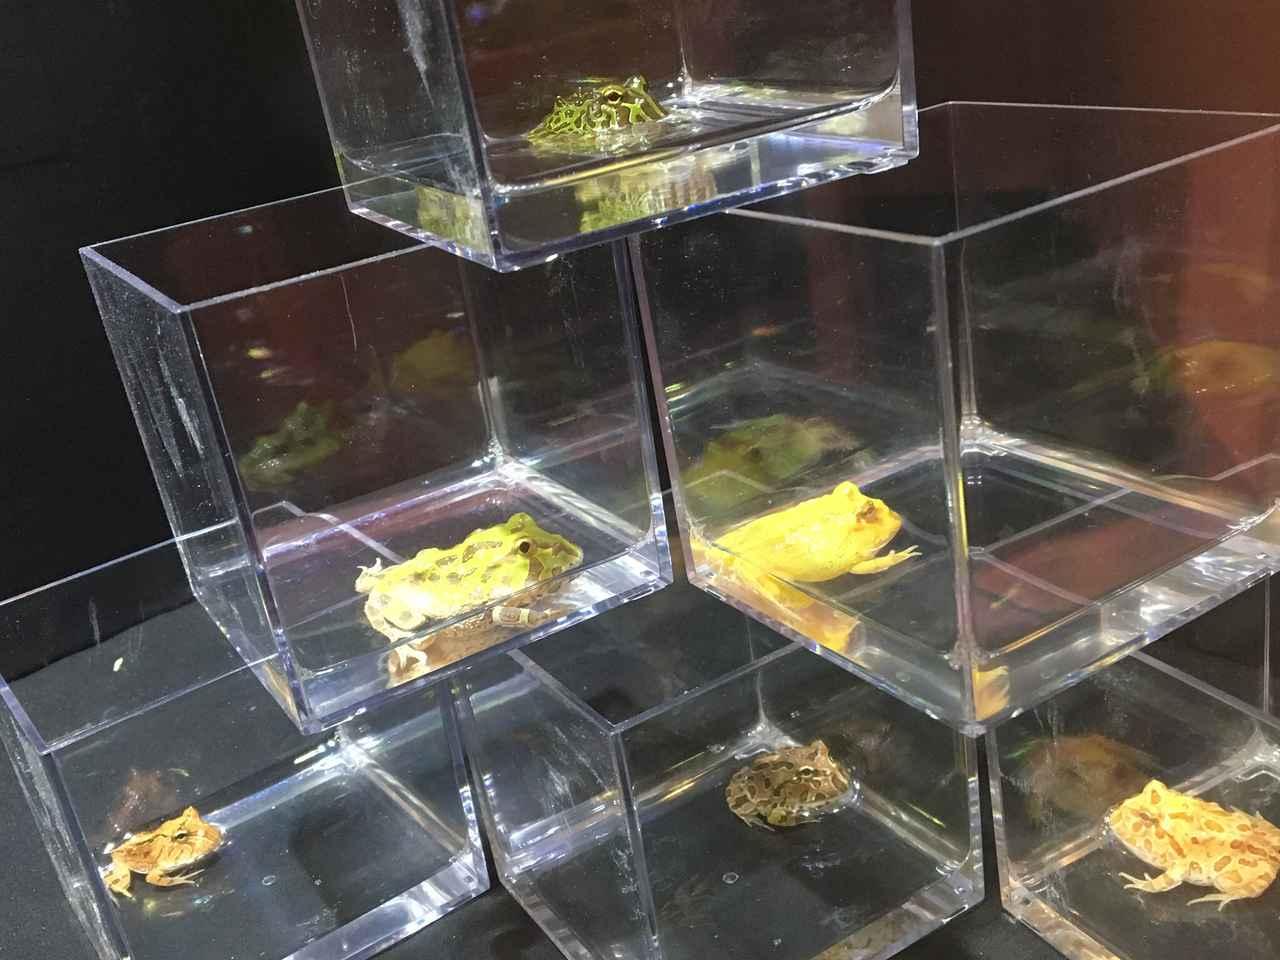 画像: ツノガエルの仲間 おもちゃみたいで可愛い!何か溶けてるの!笑 柔らかそう。